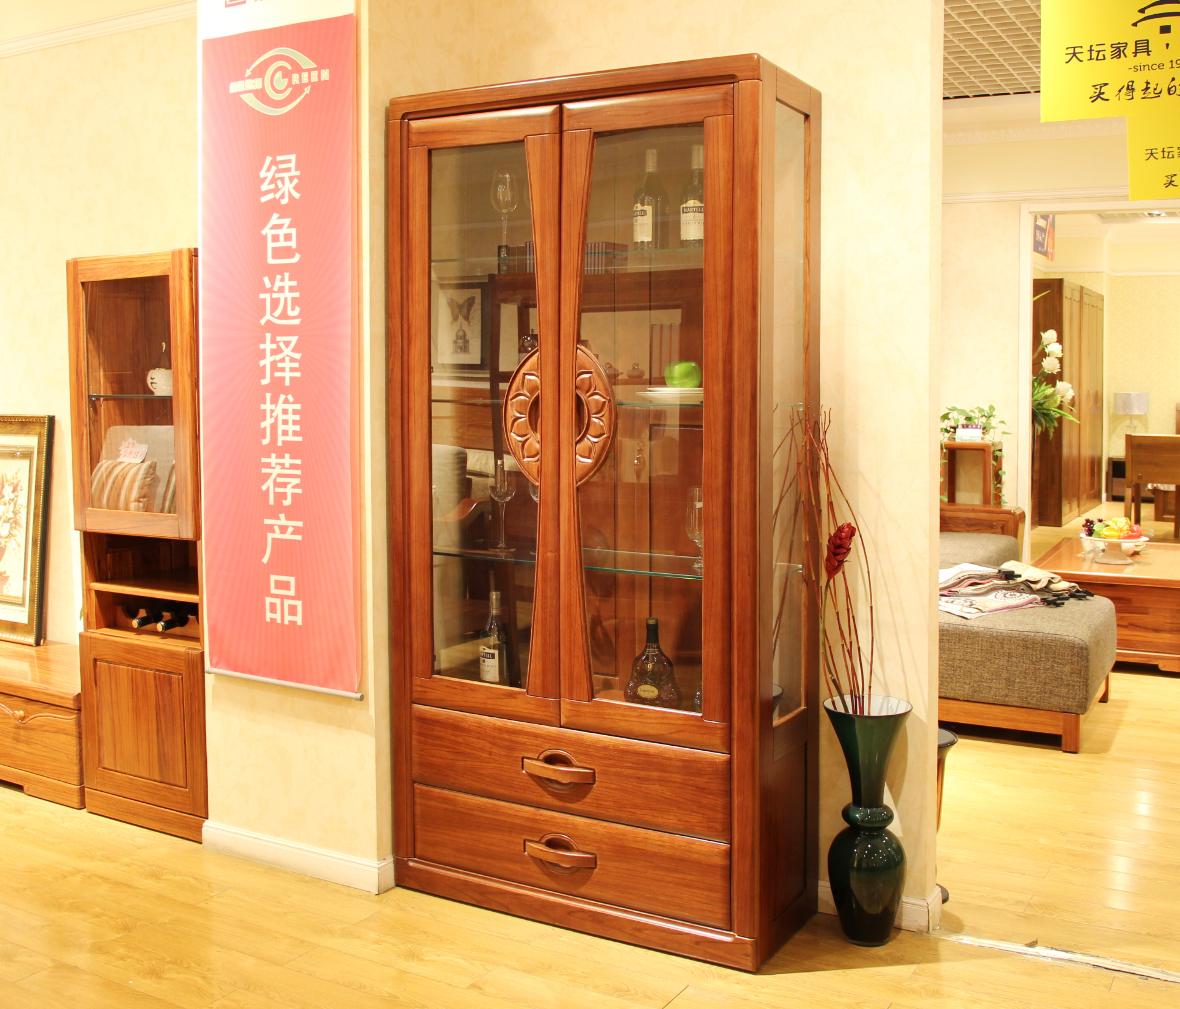 迦南橄榄树 6601-wg下型号 酒柜下柜 实木板材 榫卯结构 欧式风格